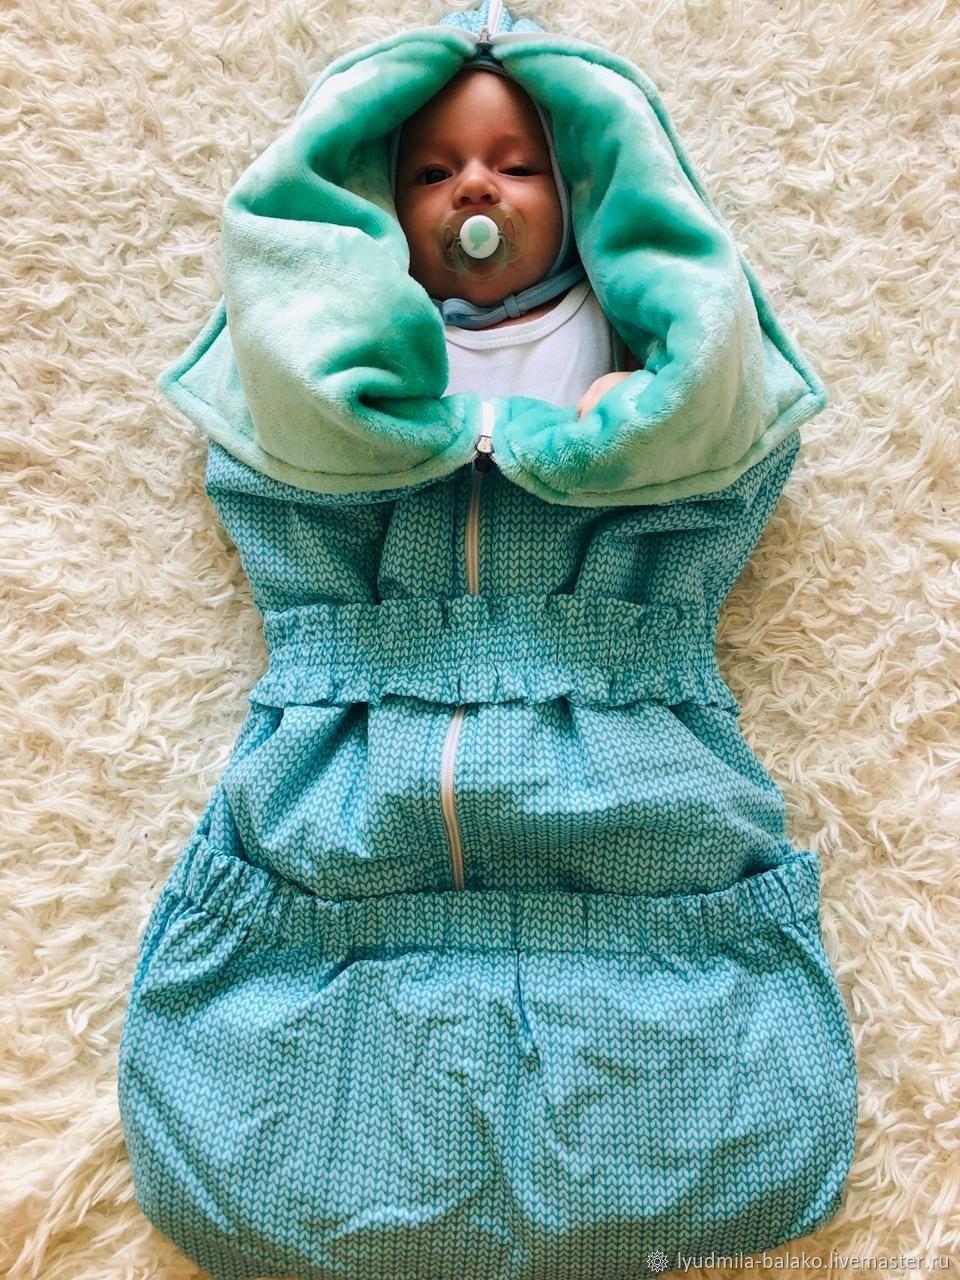 Конверт одеяло плед трансформер для новорожденных, Конверты, Гурьевск, Фото №1